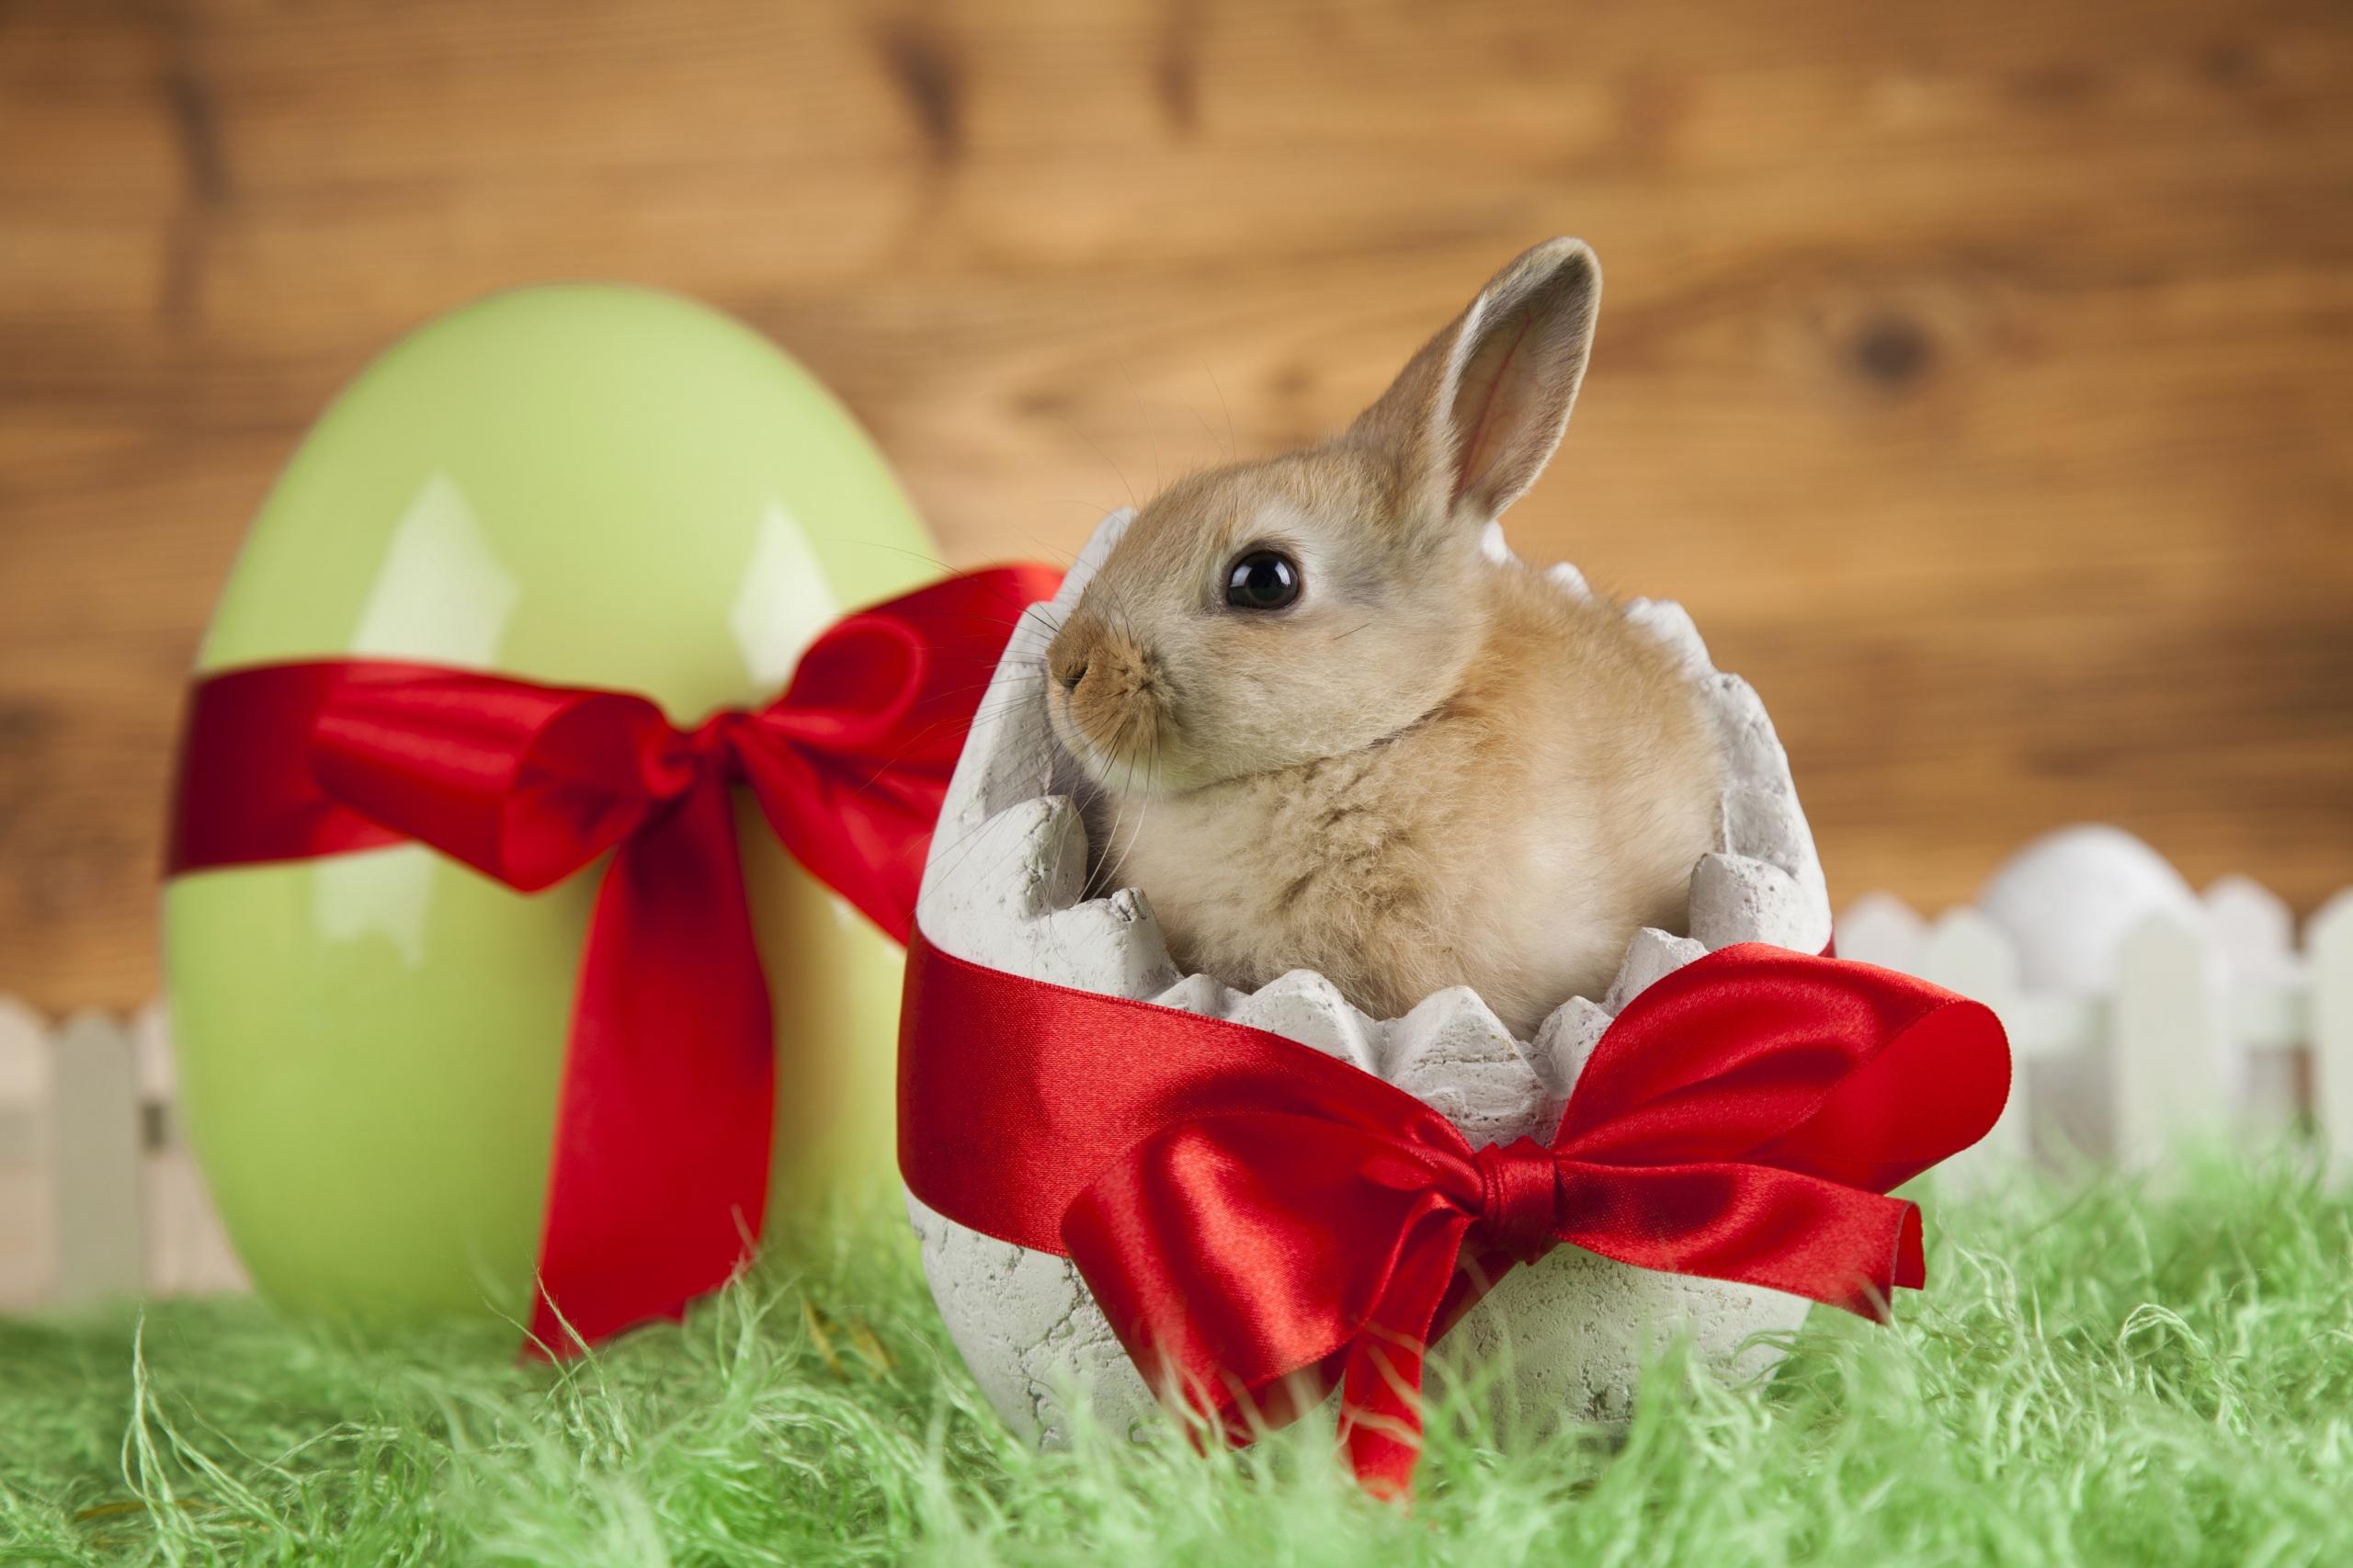 Картинки Пасха Кролики Детеныши Яйца Бантик животное 2560x1706 яиц яйцо яйцами бант бантики Животные